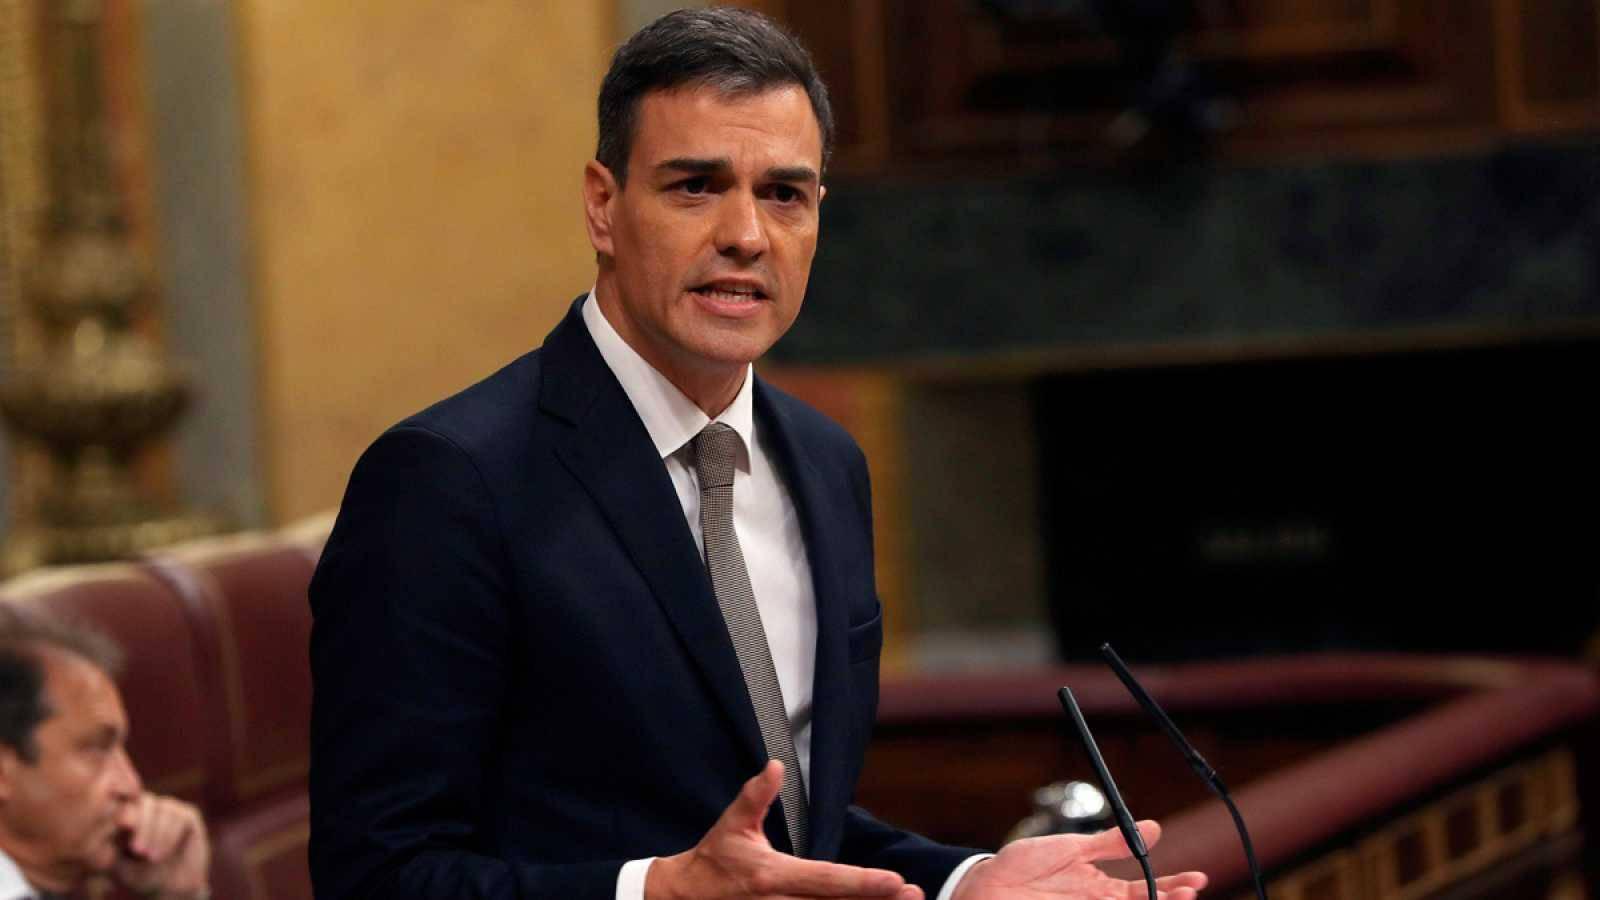 Pedro Sánchez y sus 17 ministros cobran un sueldo mensual de 108.000 de euros.